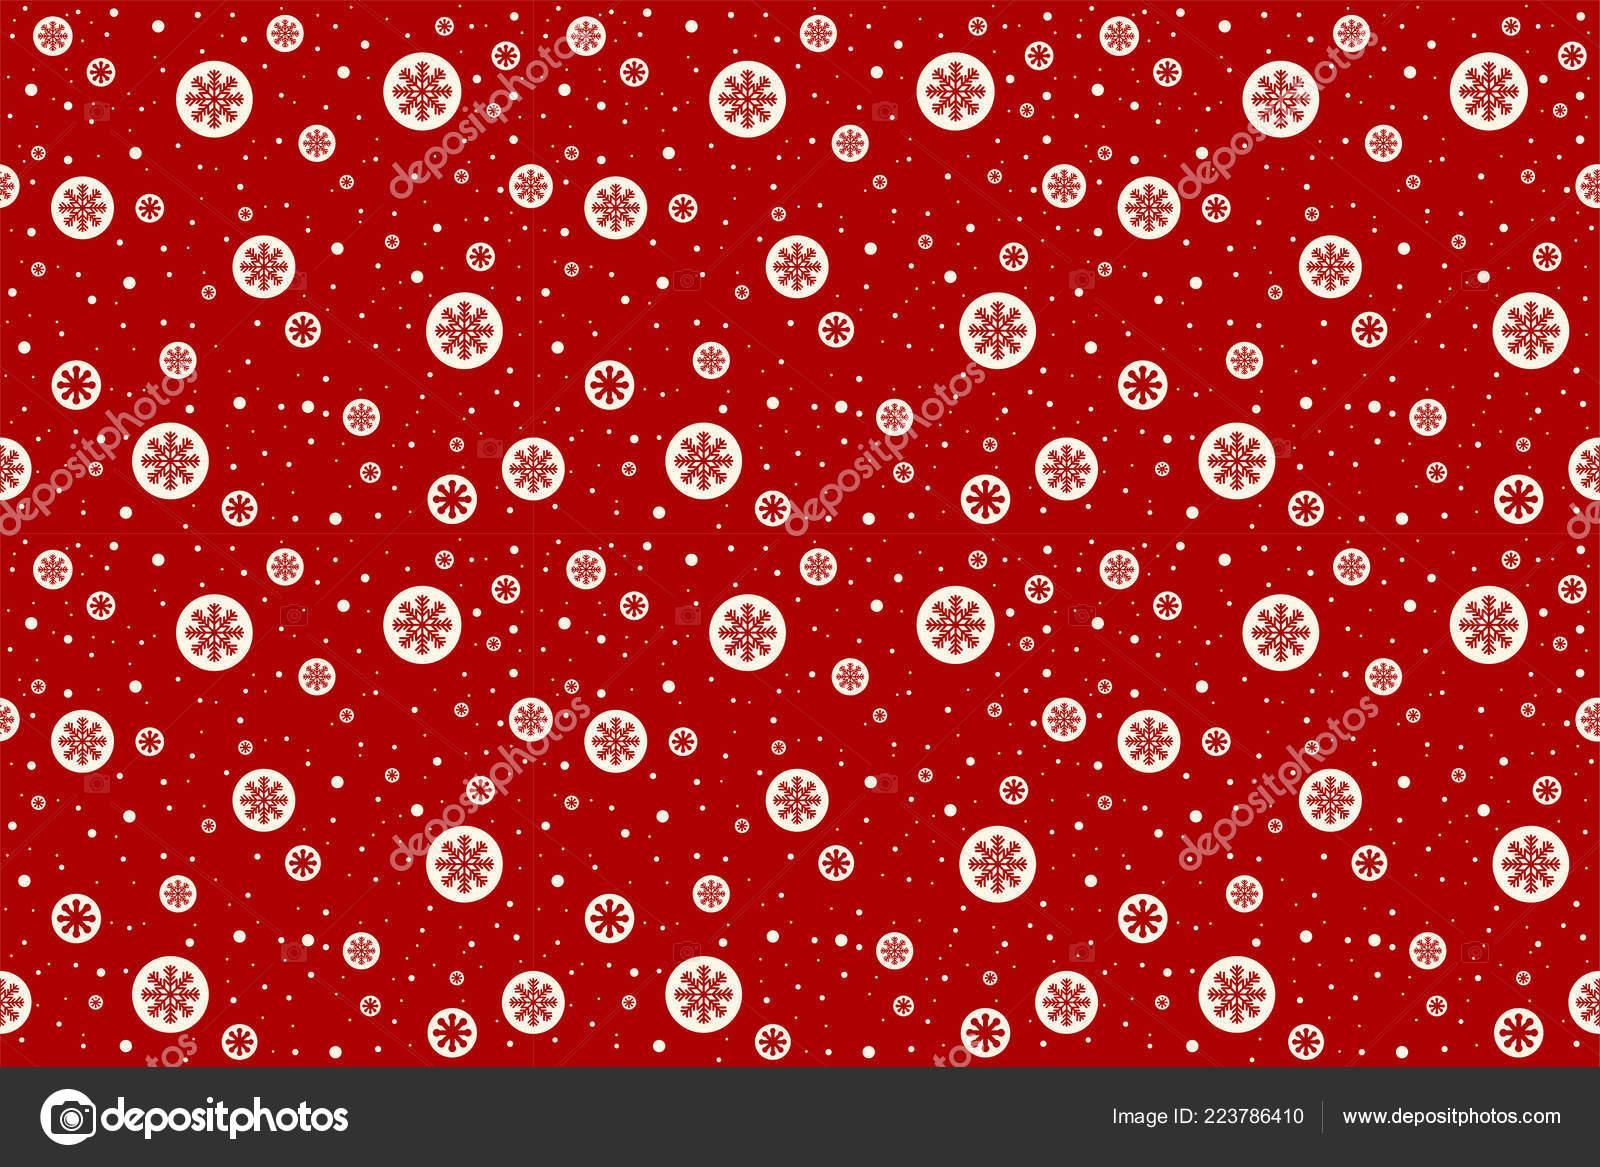 Download 99 Background Xmas Wallpaper Terbaik